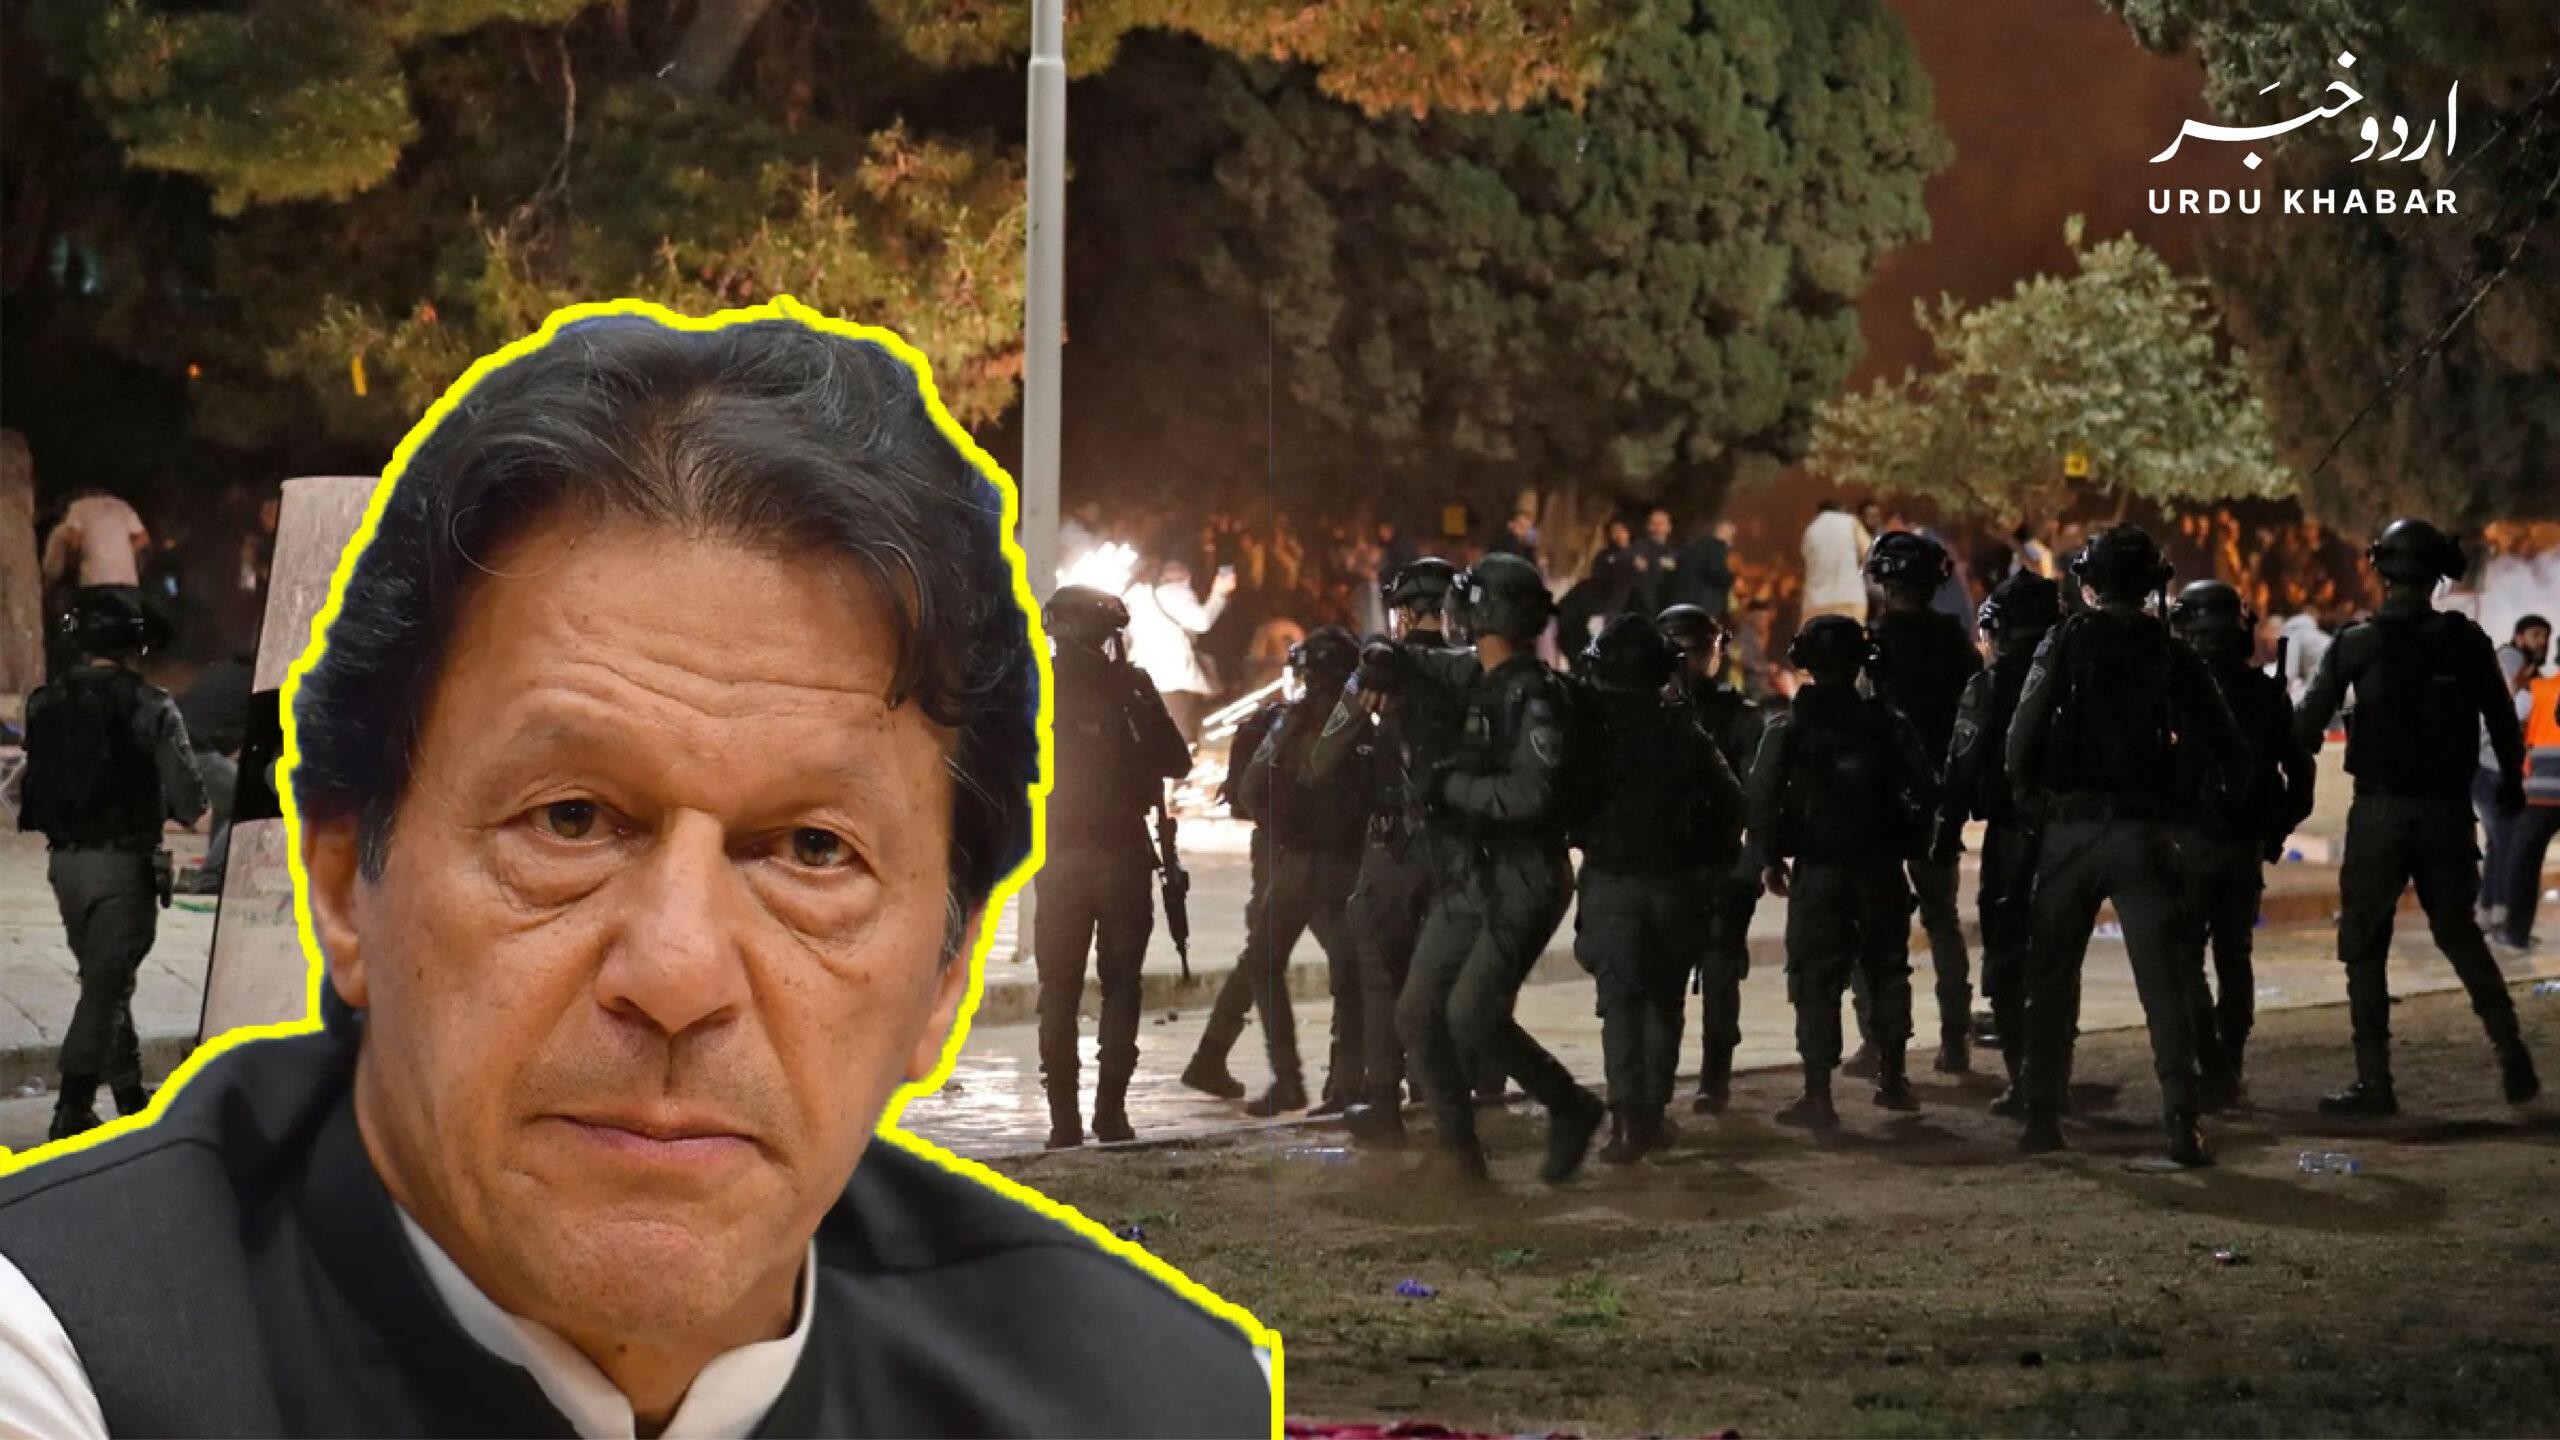 عمران خان کی اسرائیلی فورسز کے فلسطینیوں پر تشدد کی مذمت